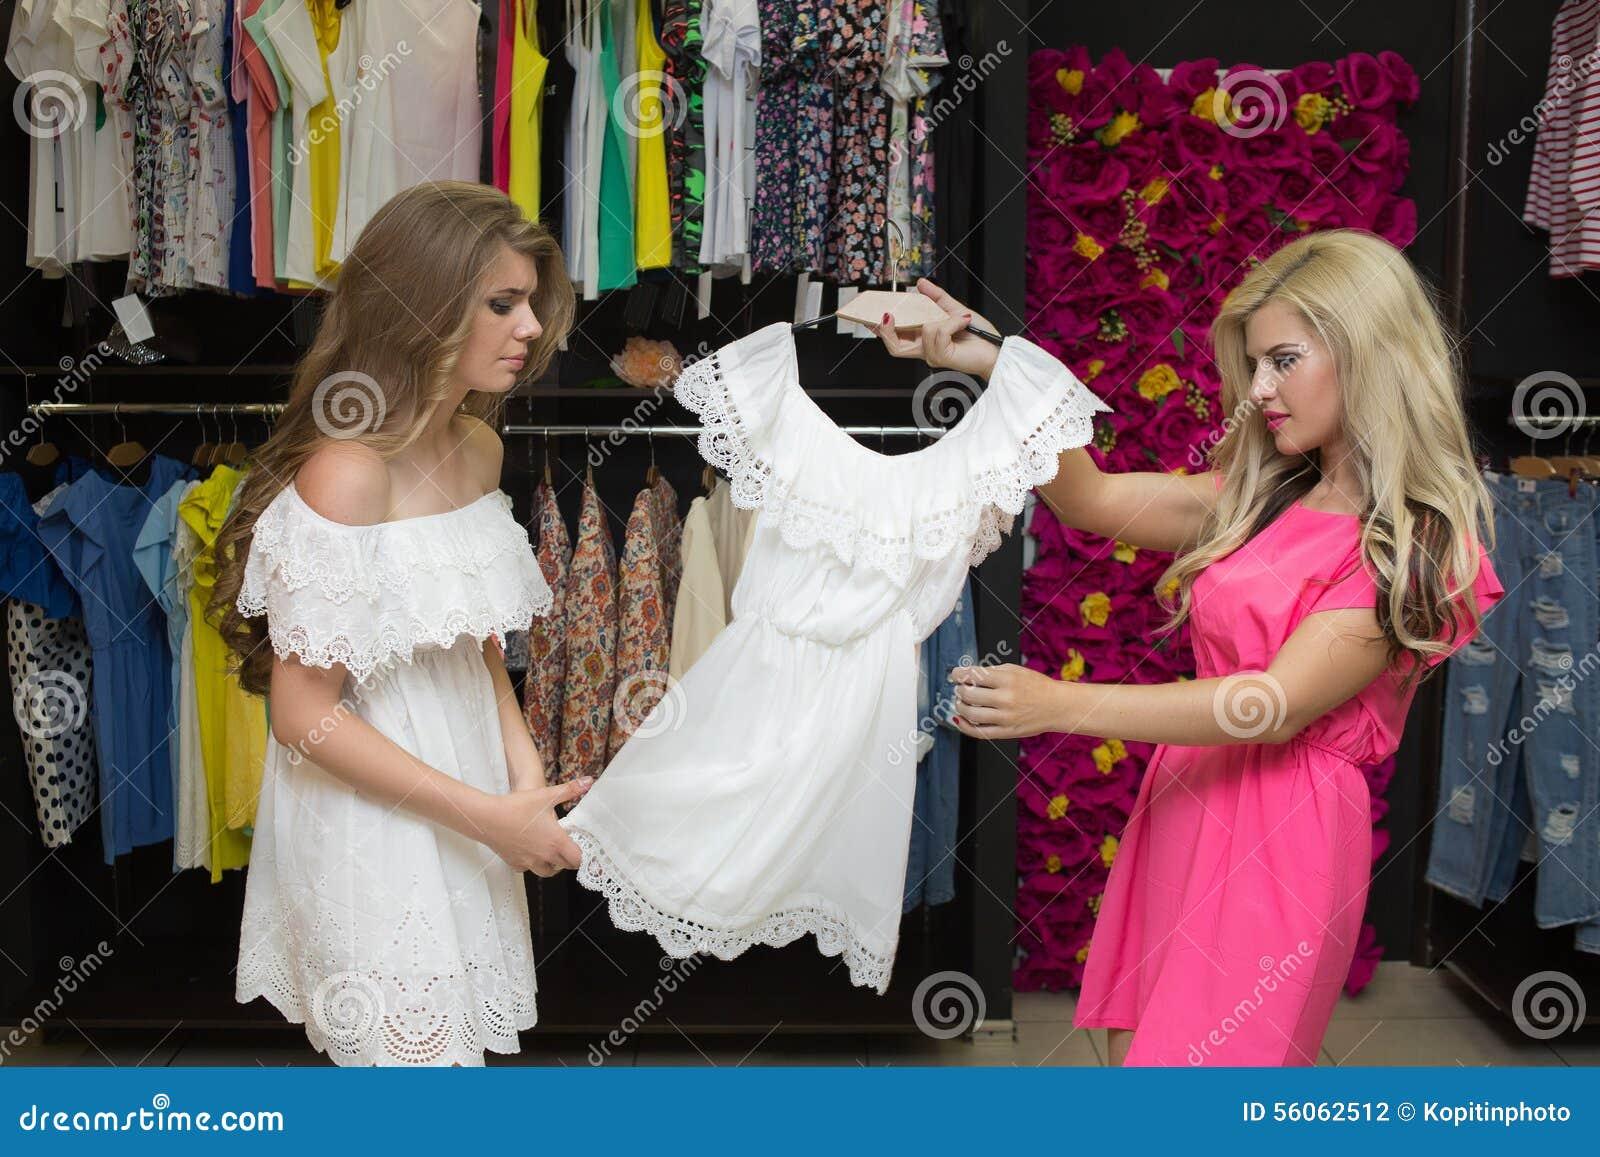 Chica Joven En Ropa De Una Compra De Tienda Foto de archivo - Imagen ... 27fd33507e47